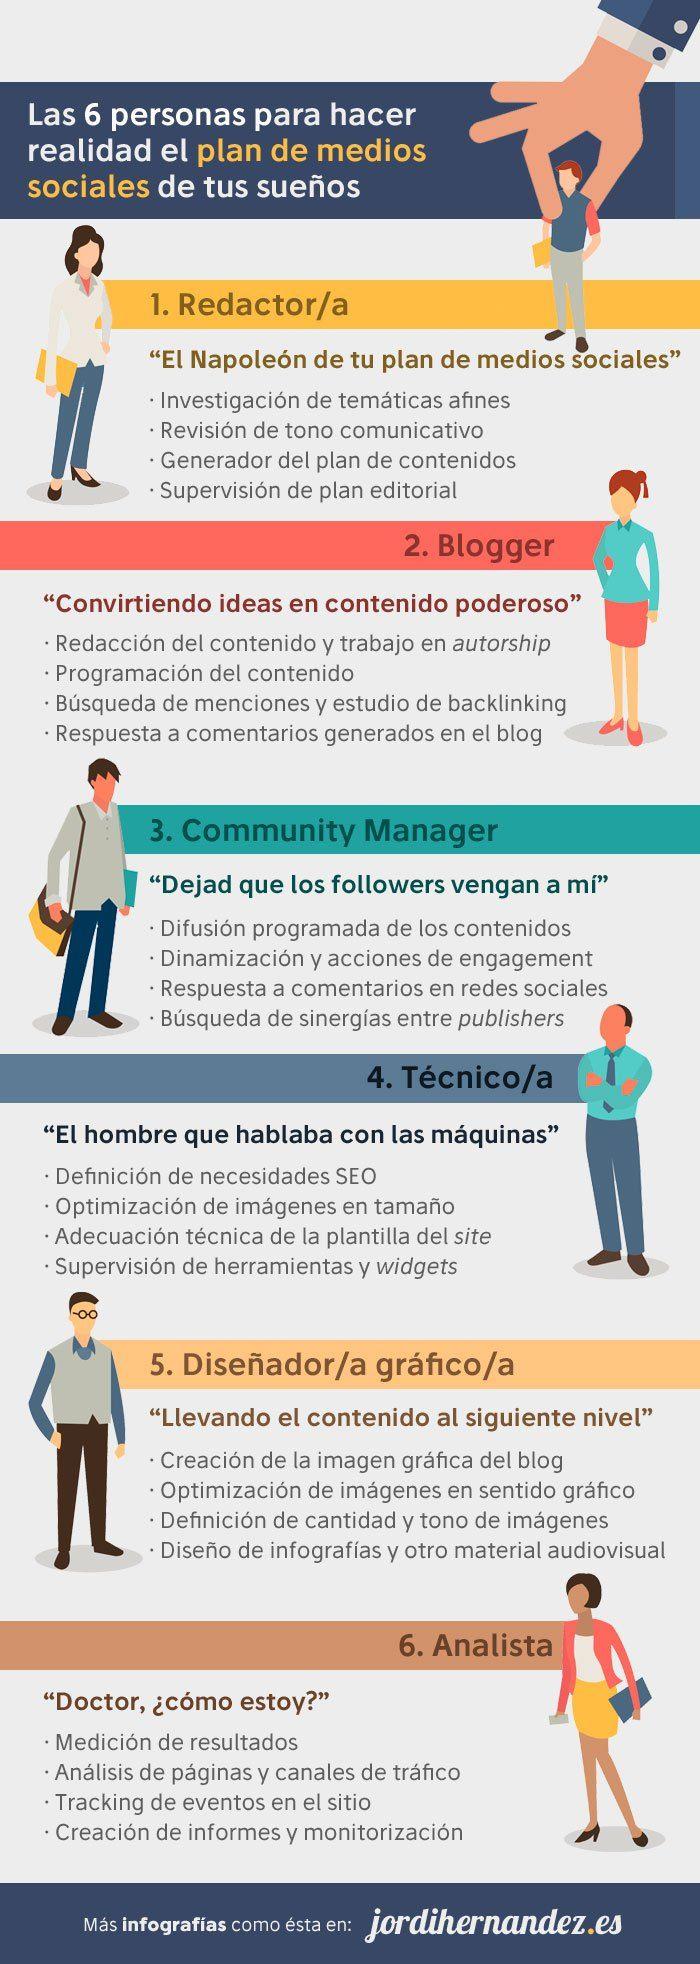 6 profesionales imprescindibles para un buen Plan en Redes Sociales. Así si se crea un plan completo de Social Media Marketing. ¿No crees?